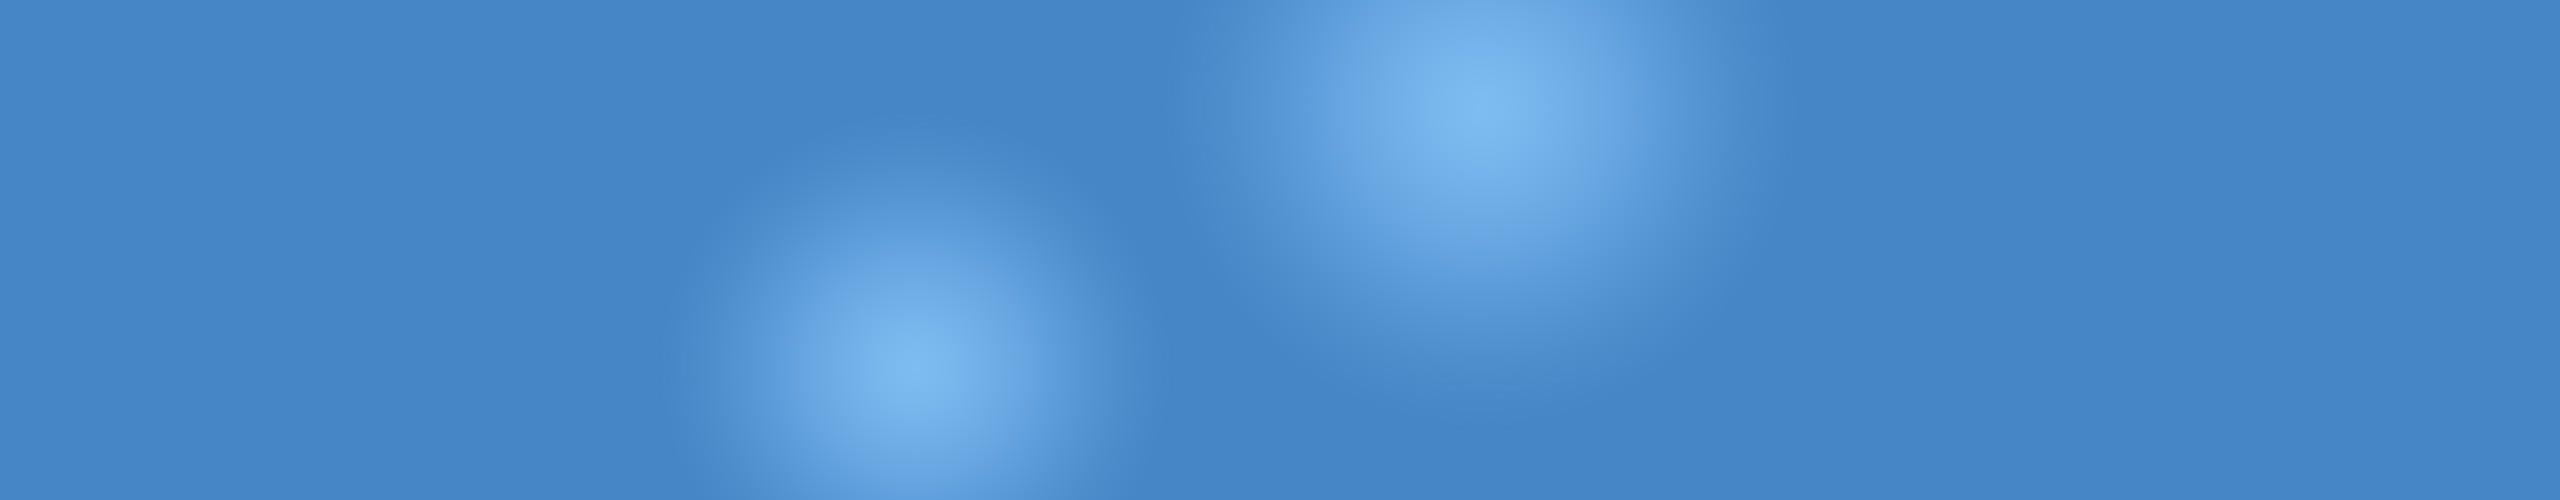 Fond Bleu 01